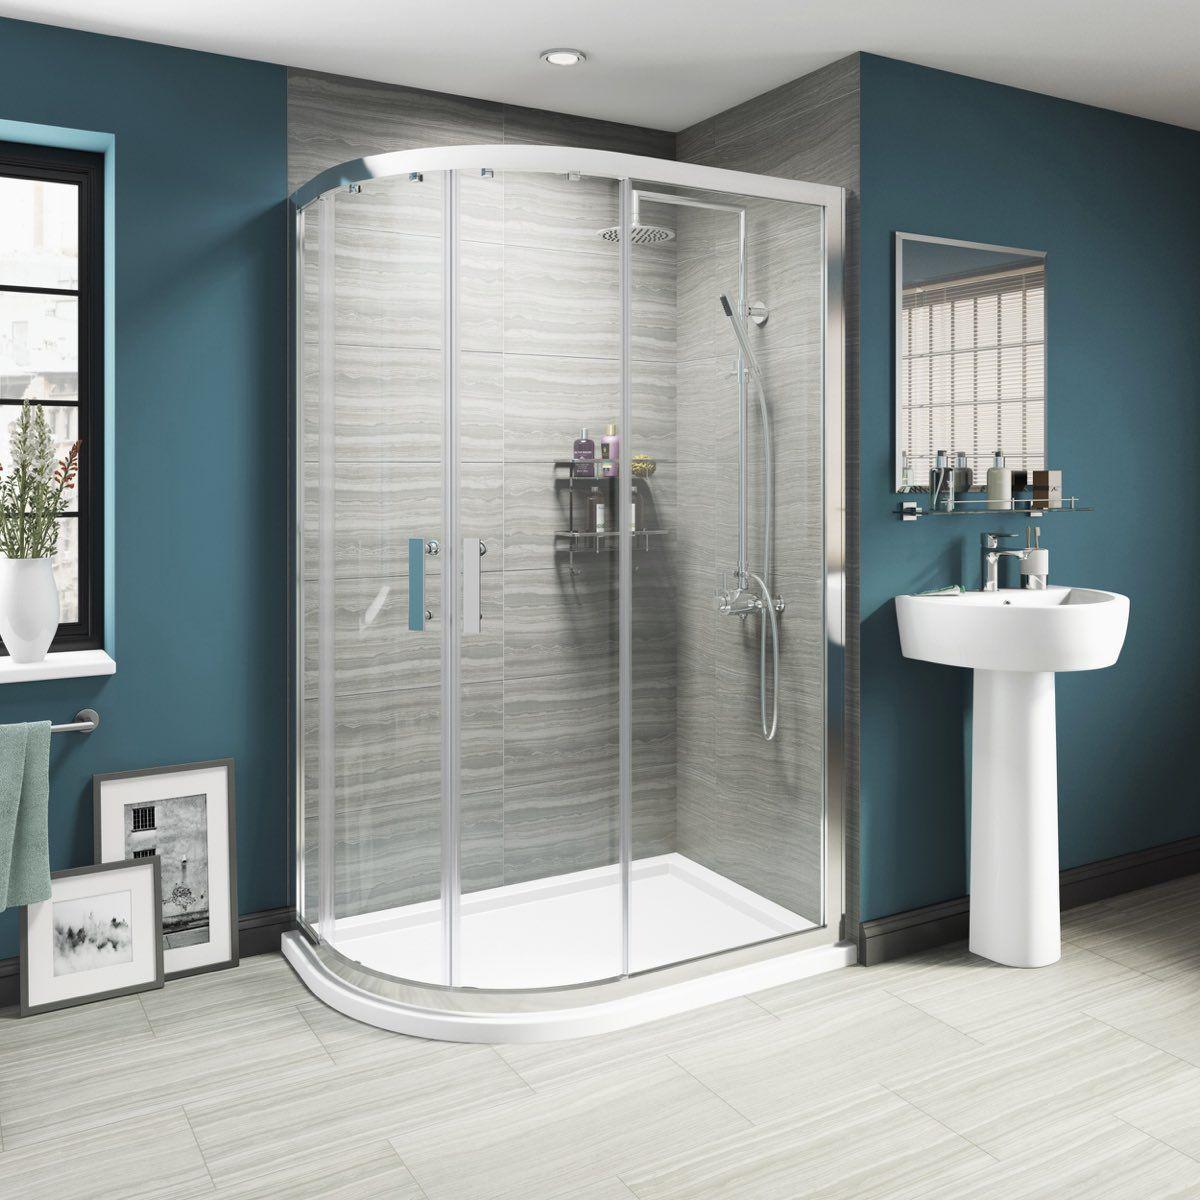 Luxury 8mm sliding door offset quadrant shower enclosure 1200 x 900 ...